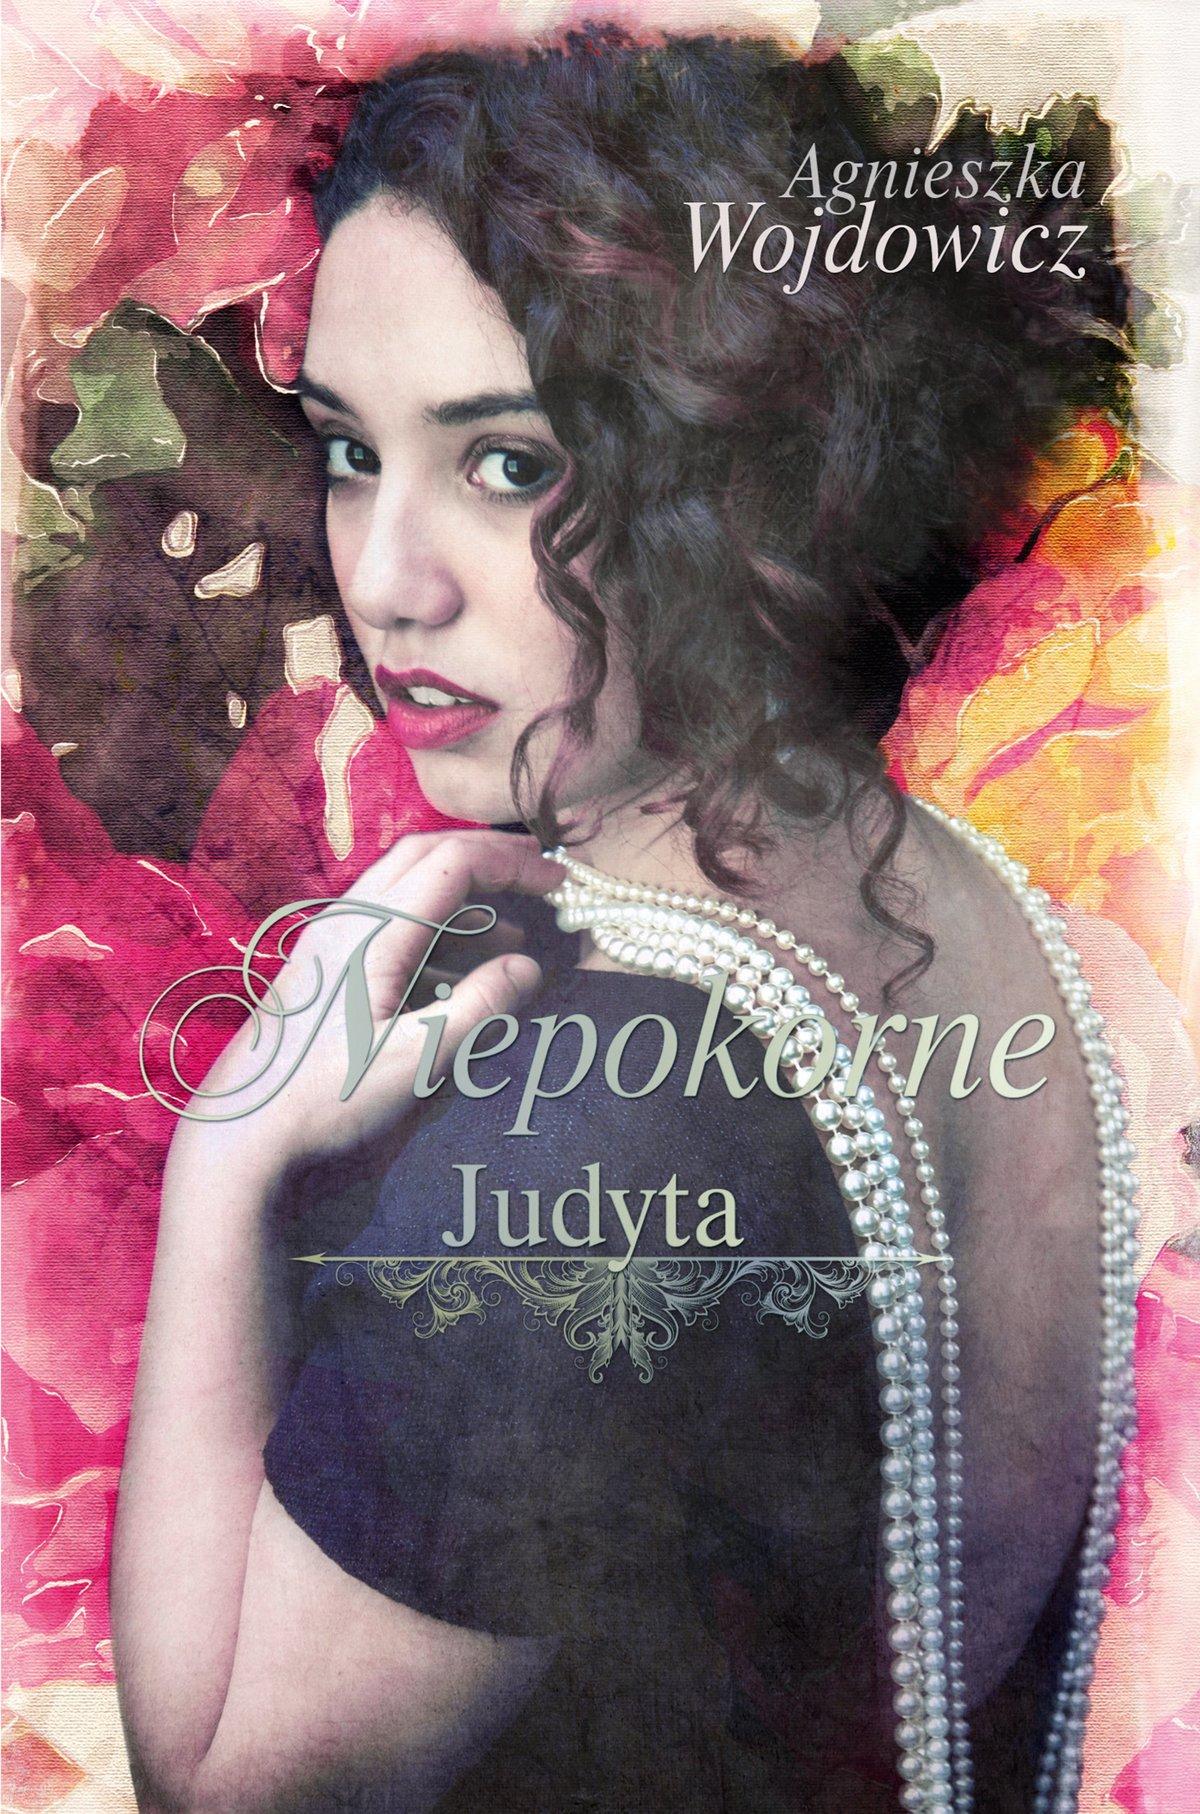 Niepokorne. Judyta - Ebook (Książka na Kindle) do pobrania w formacie MOBI